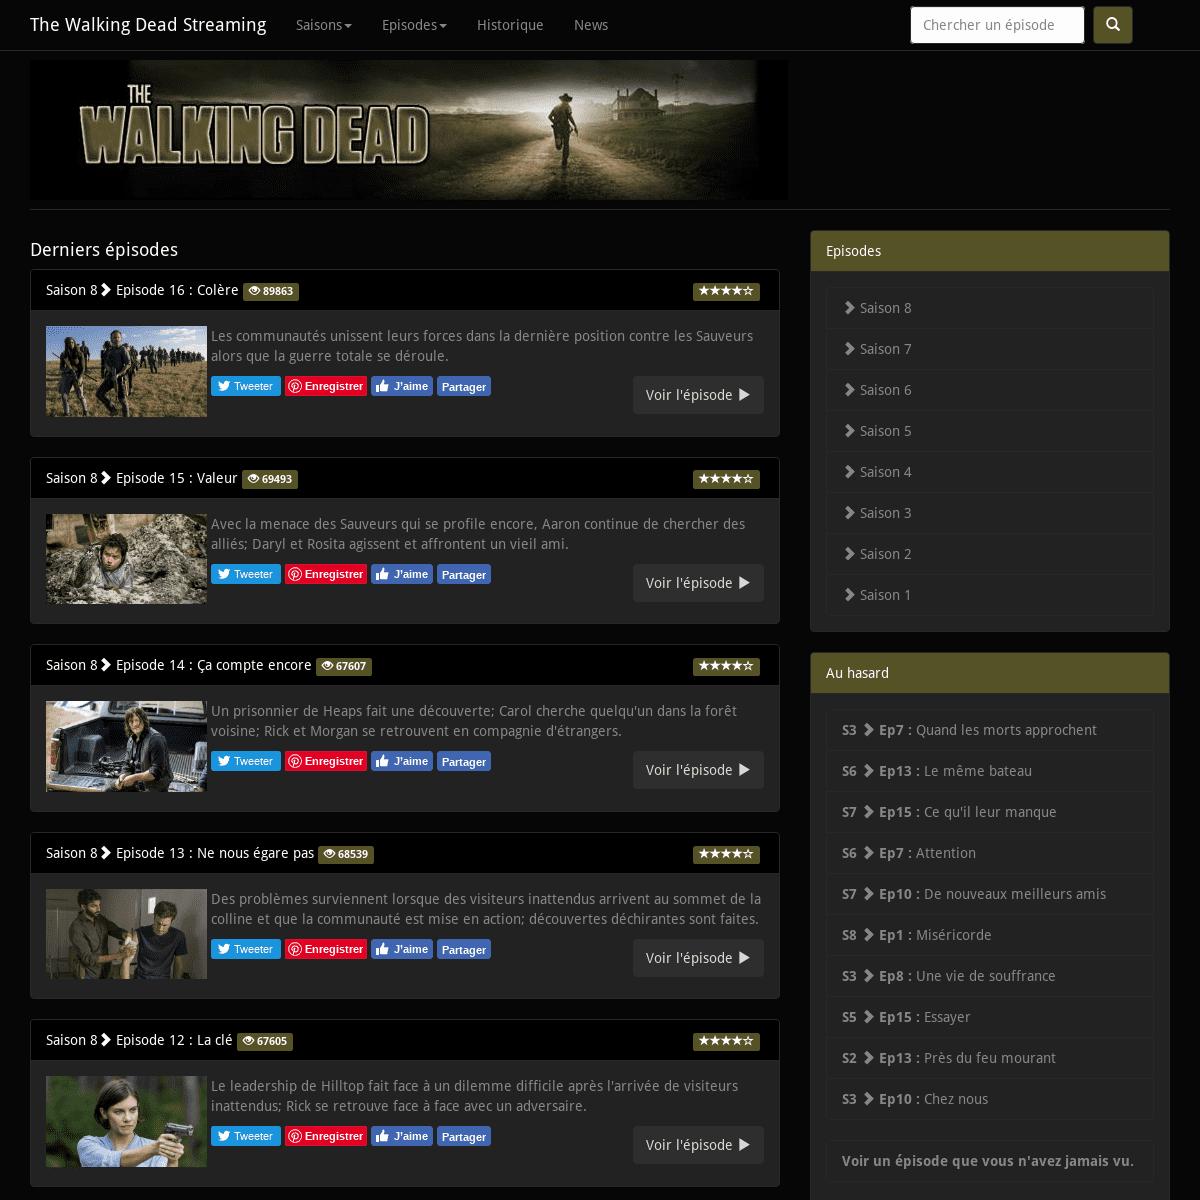 ArchiveBay.com - the-walking-dead-streaming.net - The Walking Dead Streaming - Tous les épisodes de The Walking Dead en streaming gratuitement